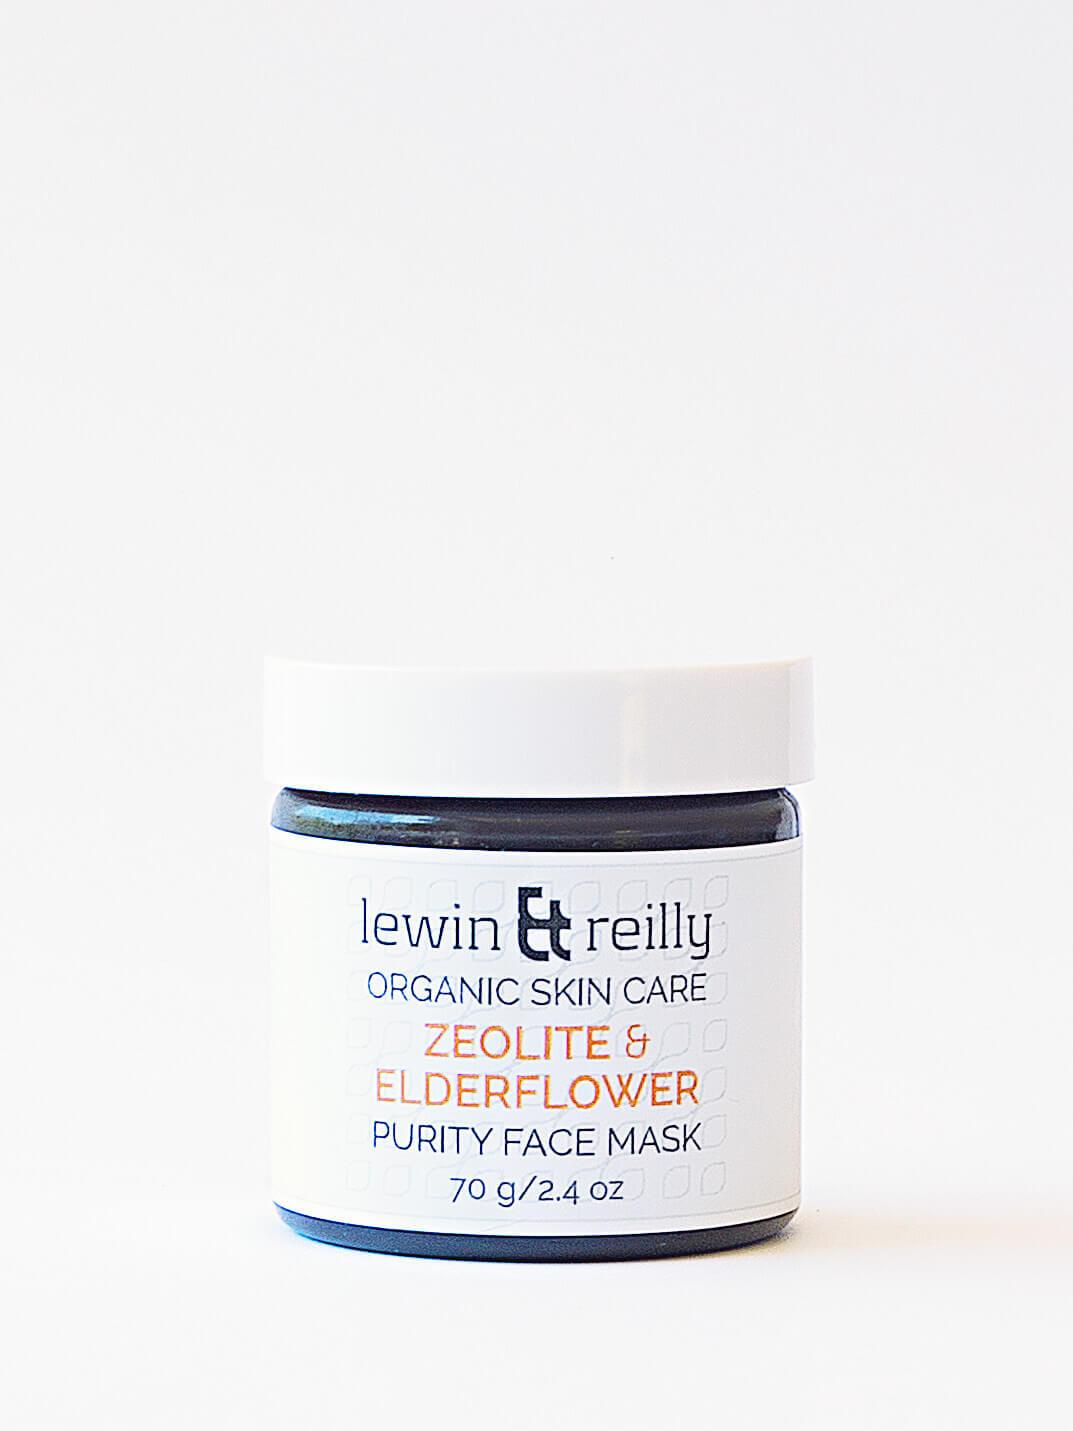 Levin & Reilly - Μάσκα καθαριότητας προσώπου - Ζεόλιθος & Elderflower (Purity face mask - Zeolite & Eldeflower)